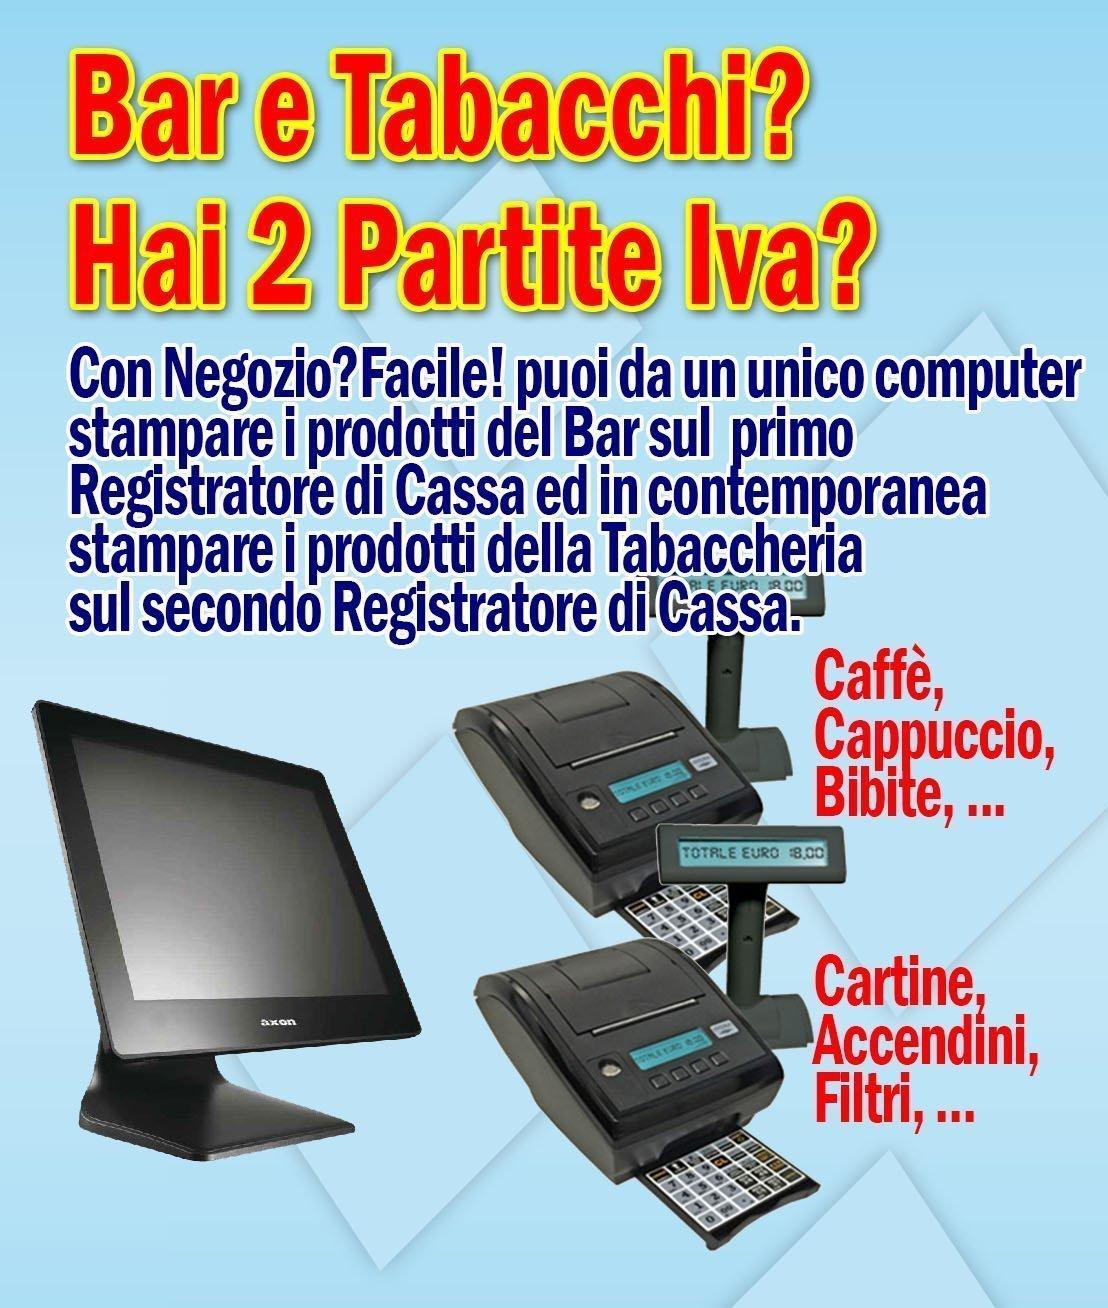 Scontrino-Telematico-Registratore-di-Cassa